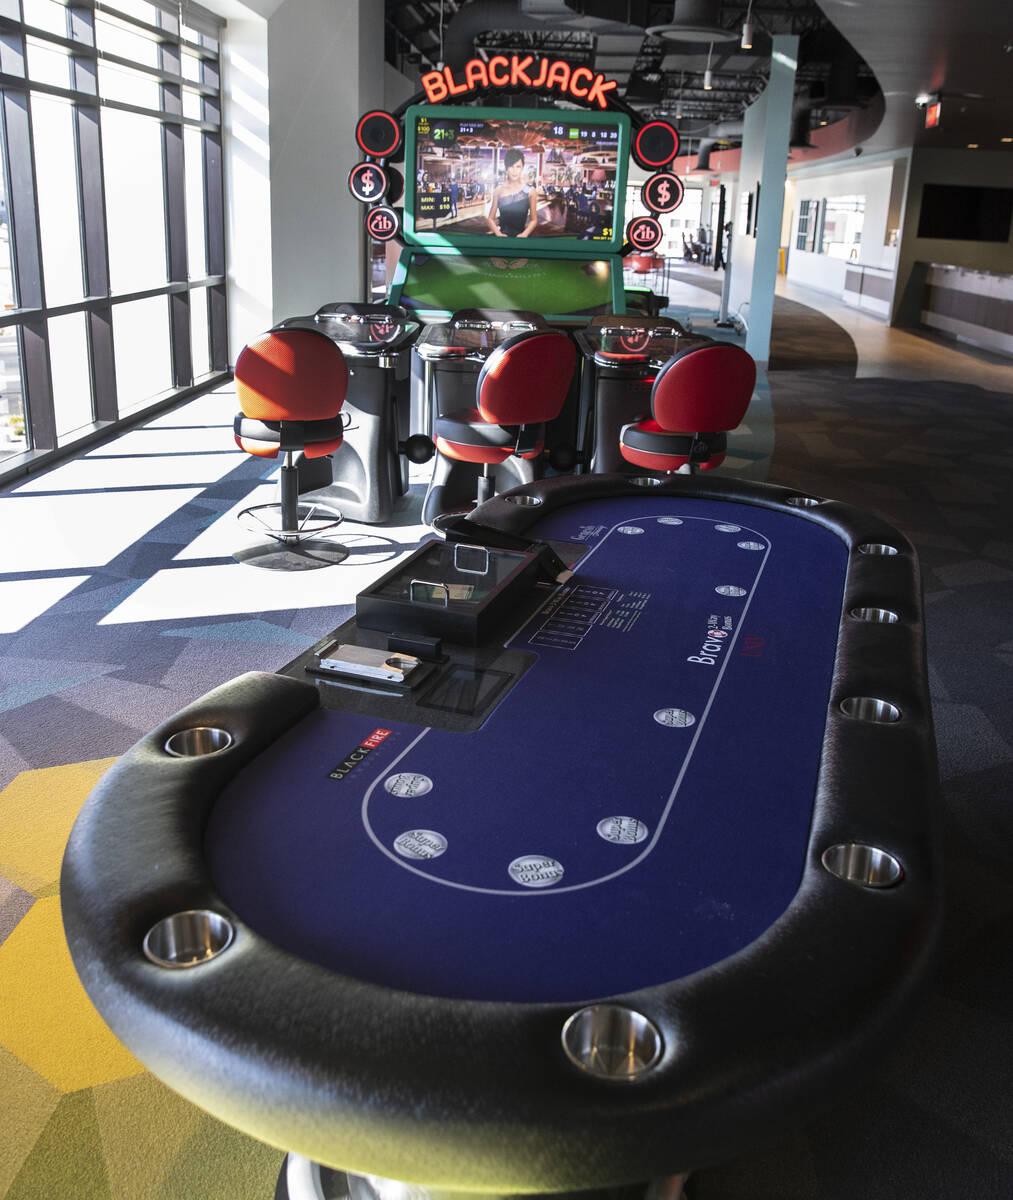 Una mesa de juego y una máquina de video blackjack se muestran en el centro de innovación Bla ...